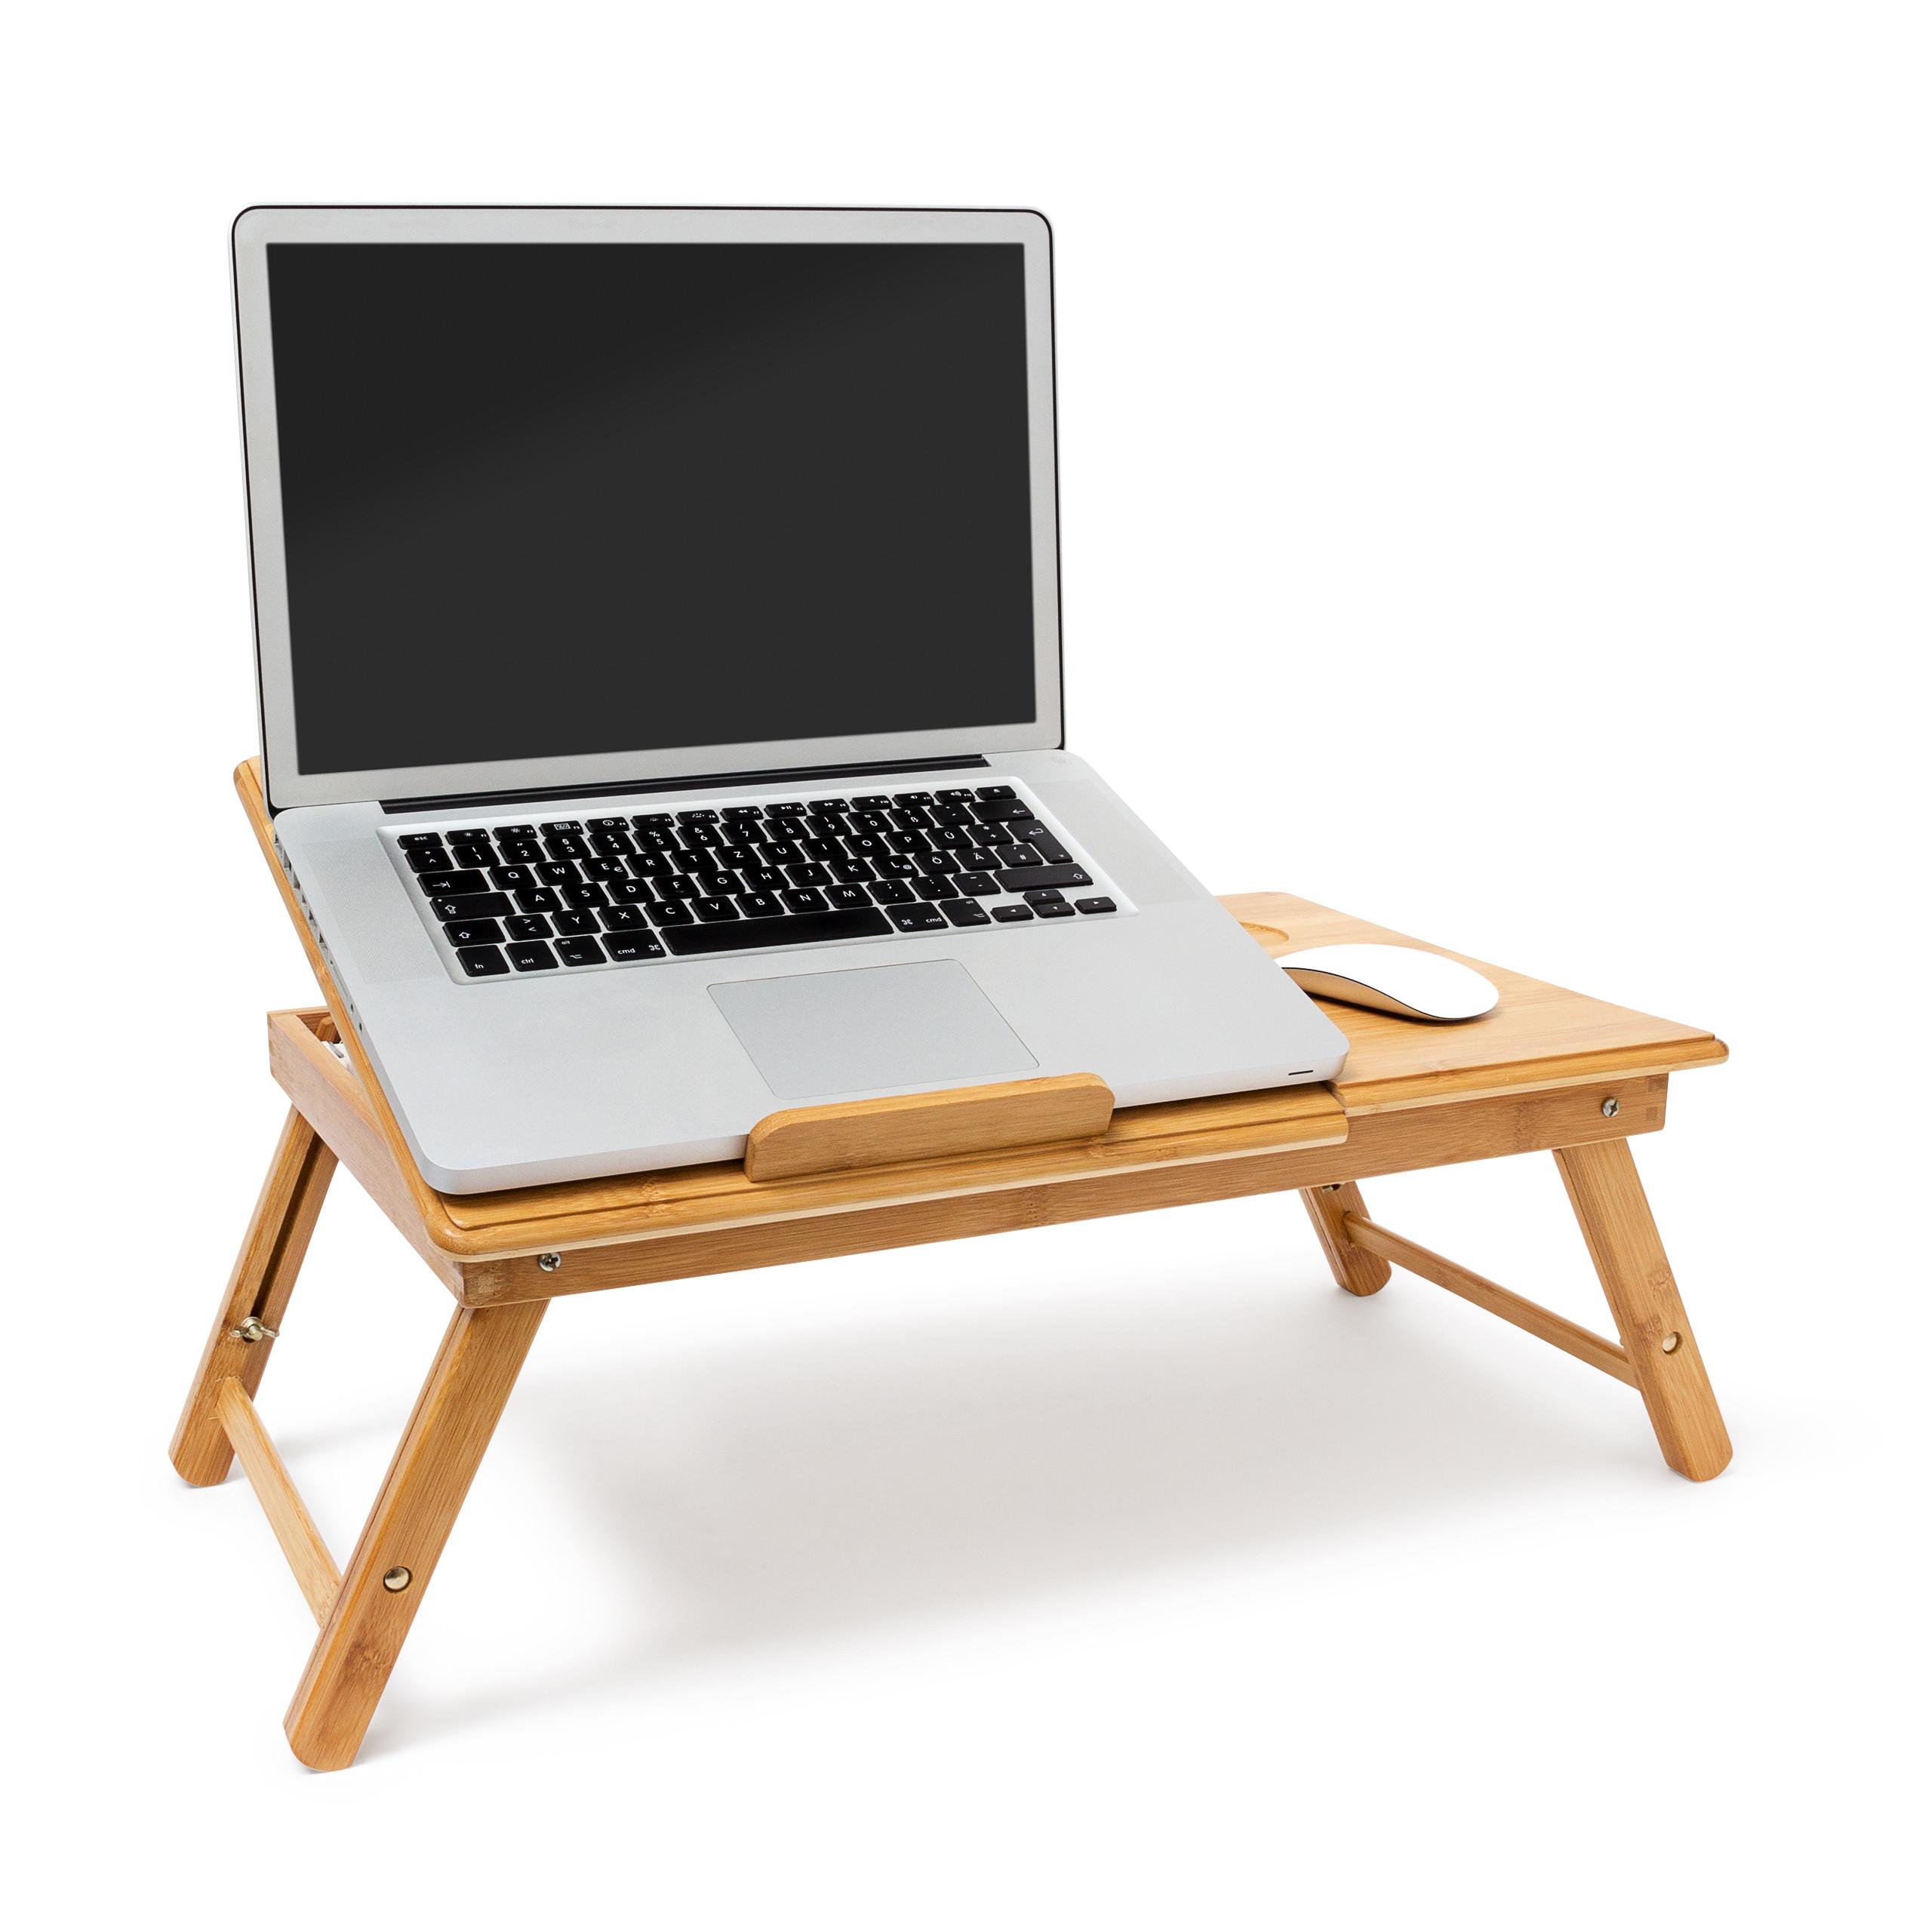 Betttablett Laptoptisch Bambus höhenverstellbar Laptop Ständer Notebook Lapdesk